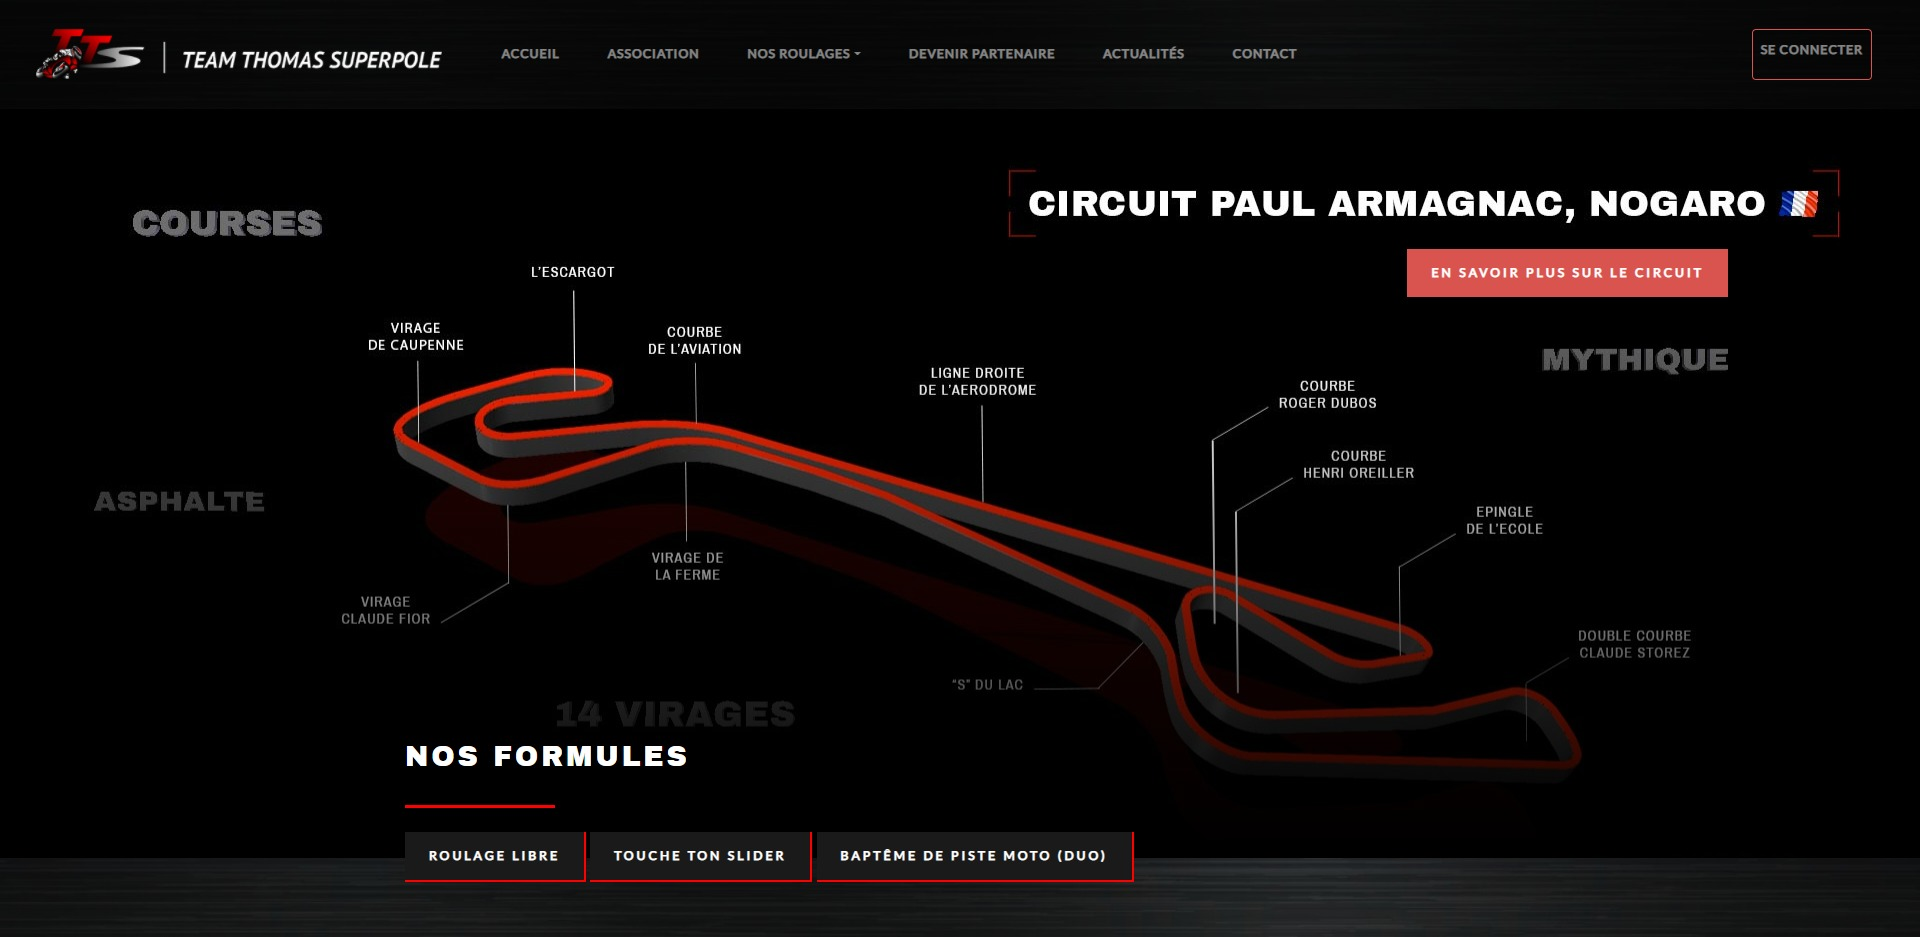 Page d'accueil du site internet TT superpole